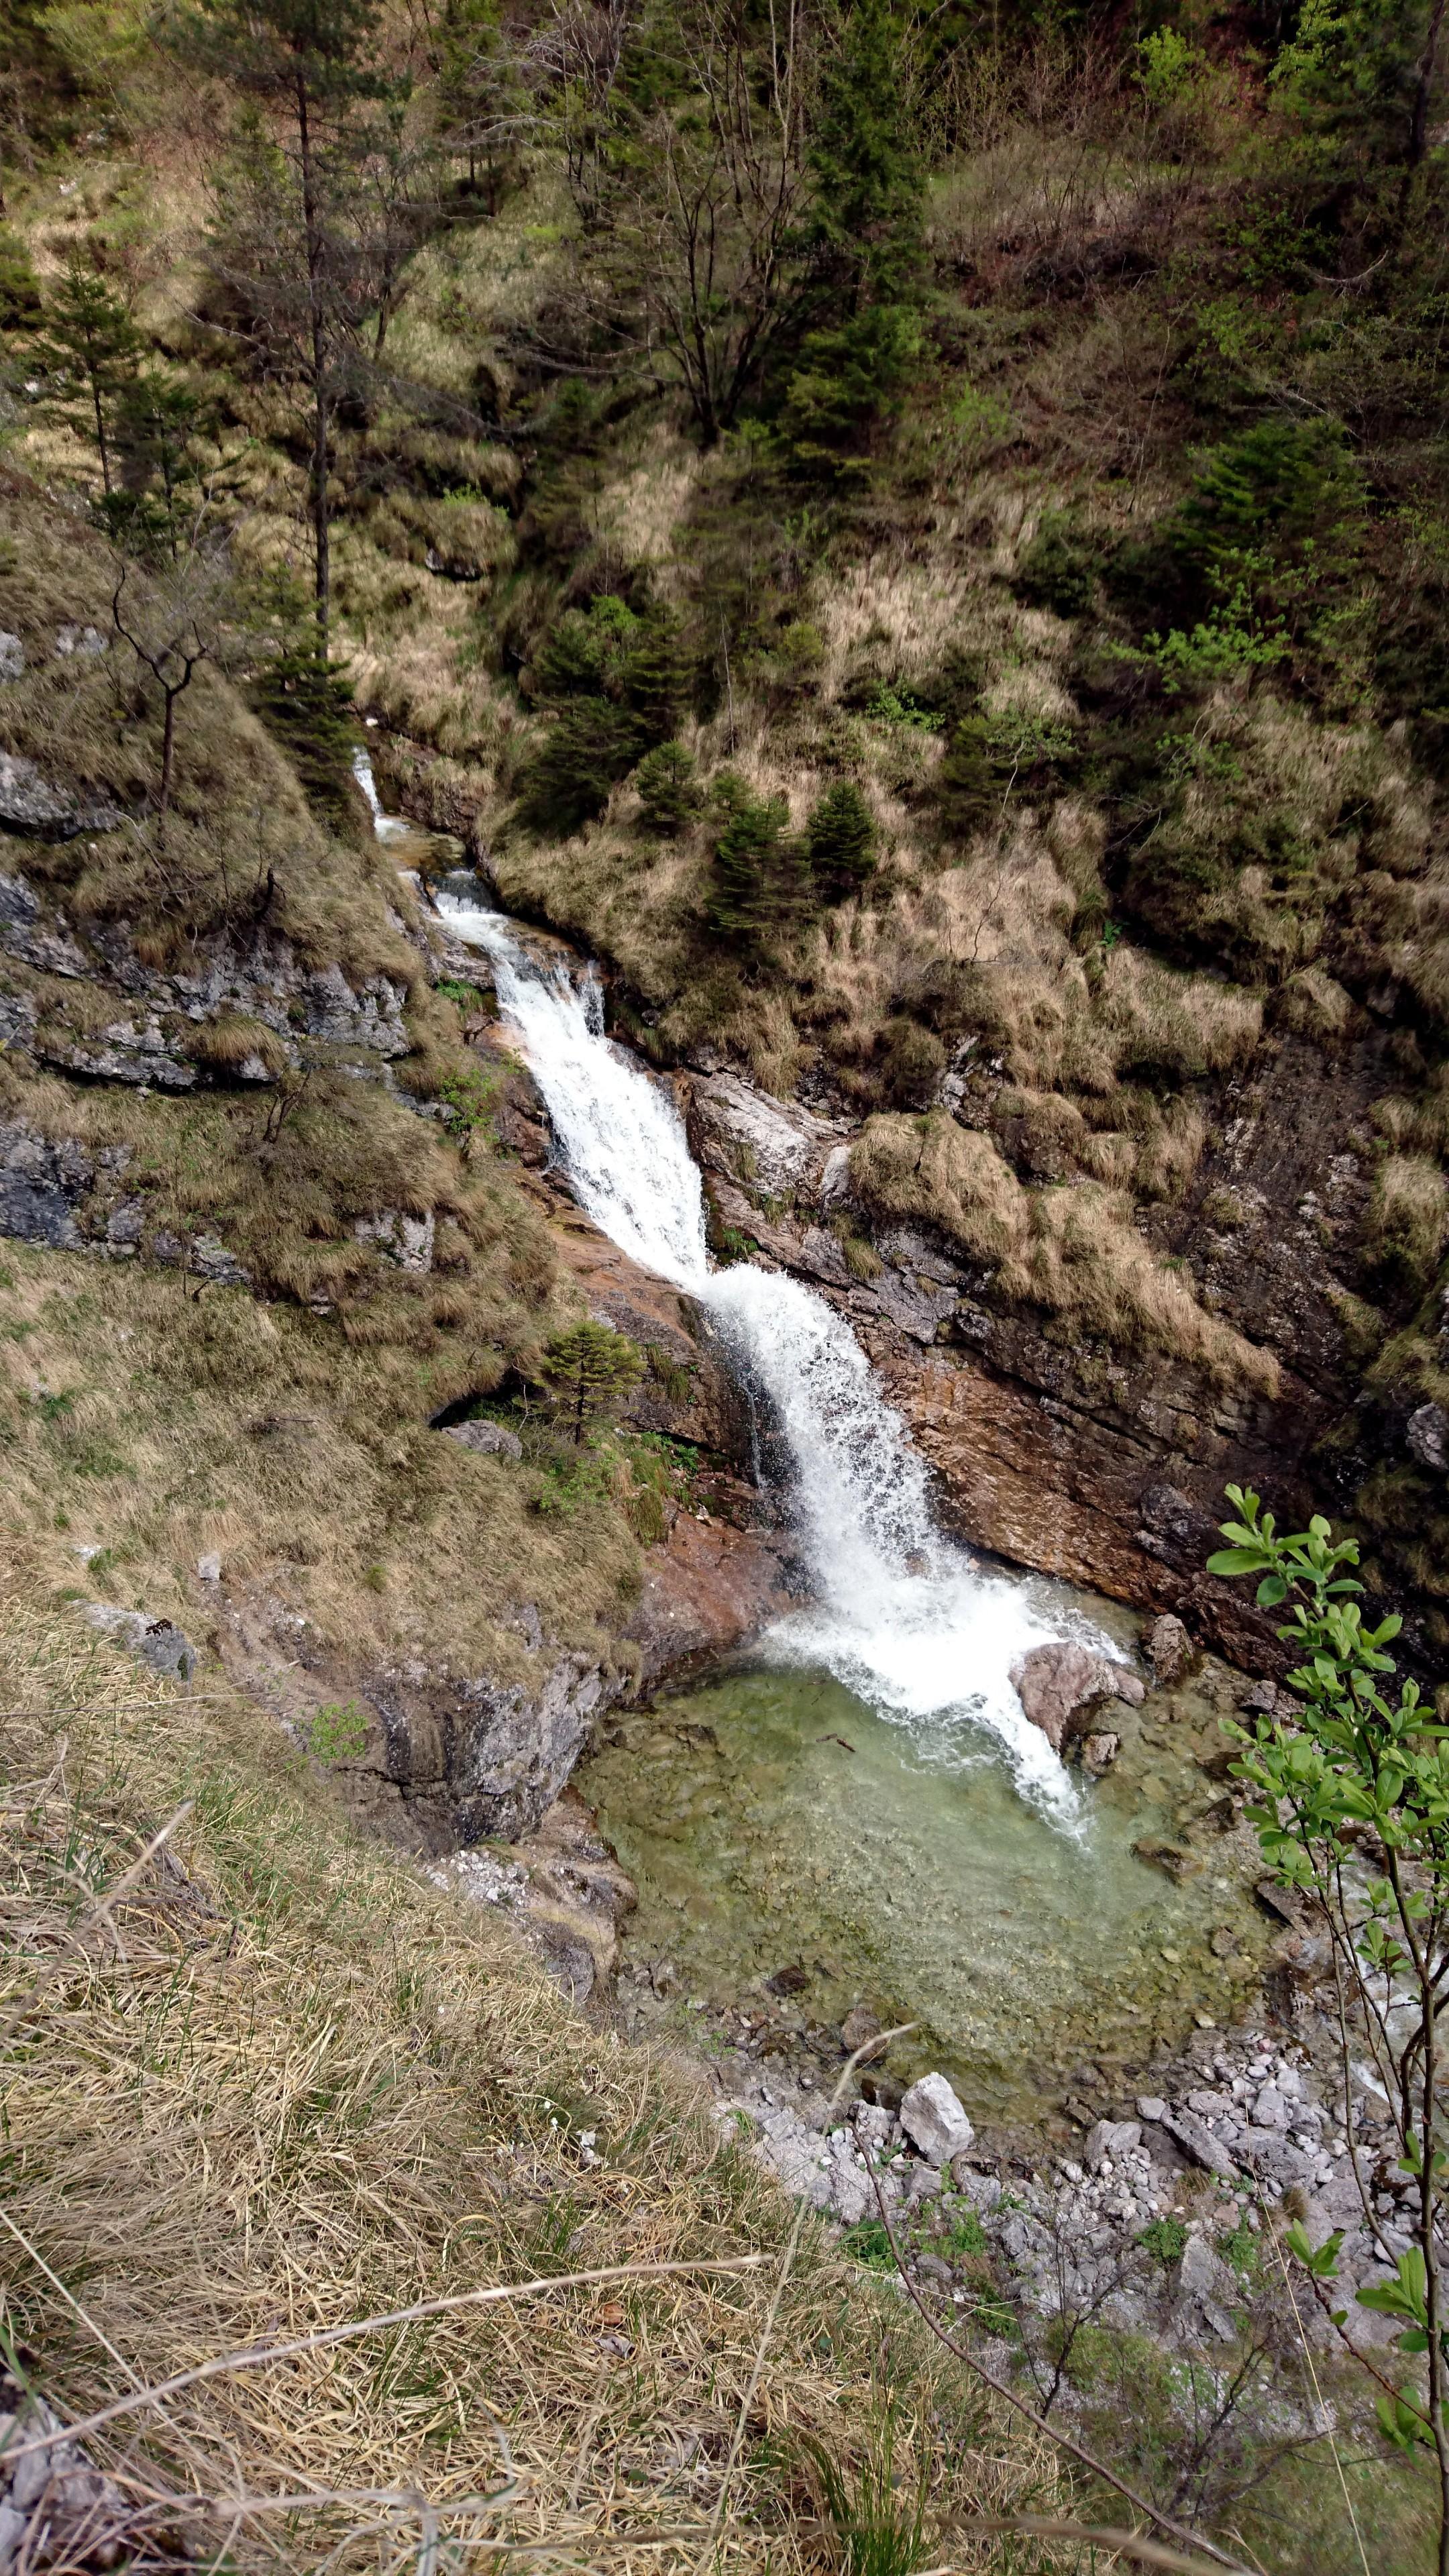 Altra cascatella a salti poco più a valle